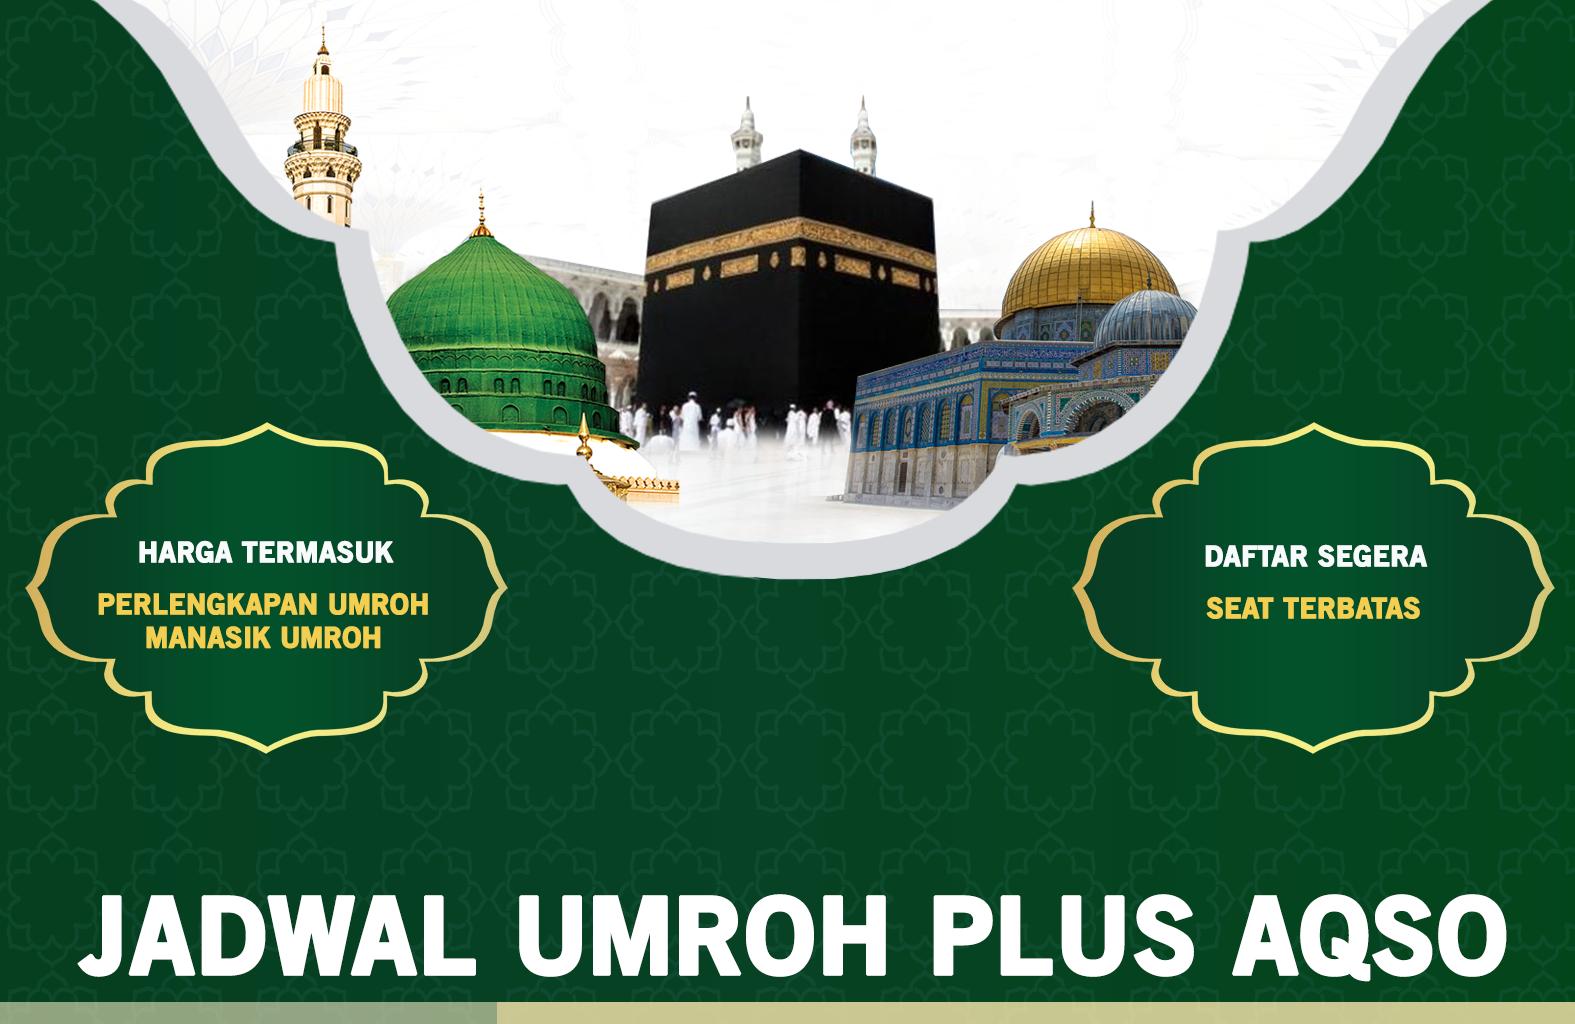 Jadwal Umroh Plus Aqso Biaya Paket Murah ada Promo